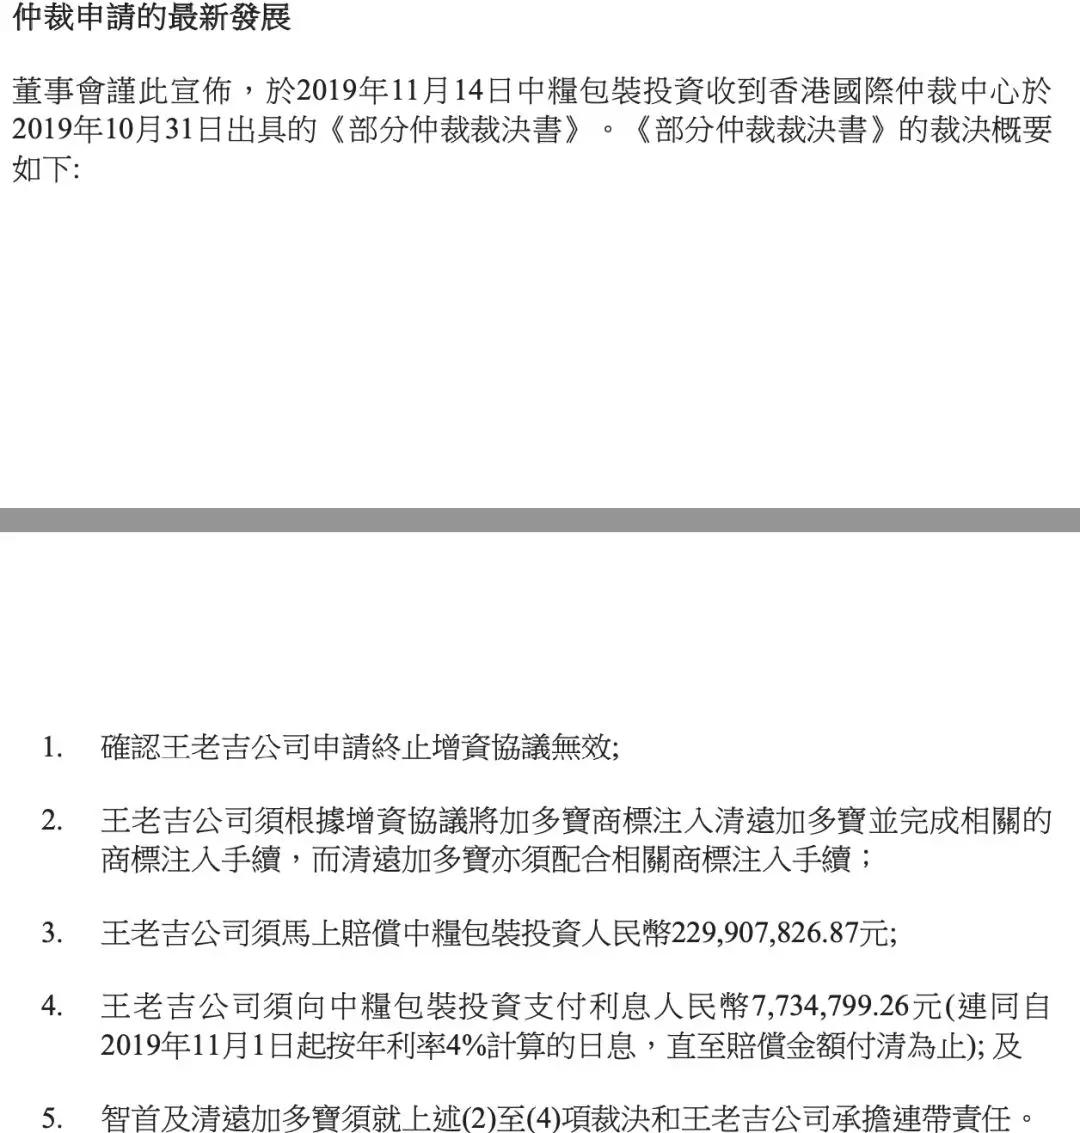 网络黑彩赌博证据 广东省太赫兹产业技术创新联盟成立,推动深圳太赫兹产业发展